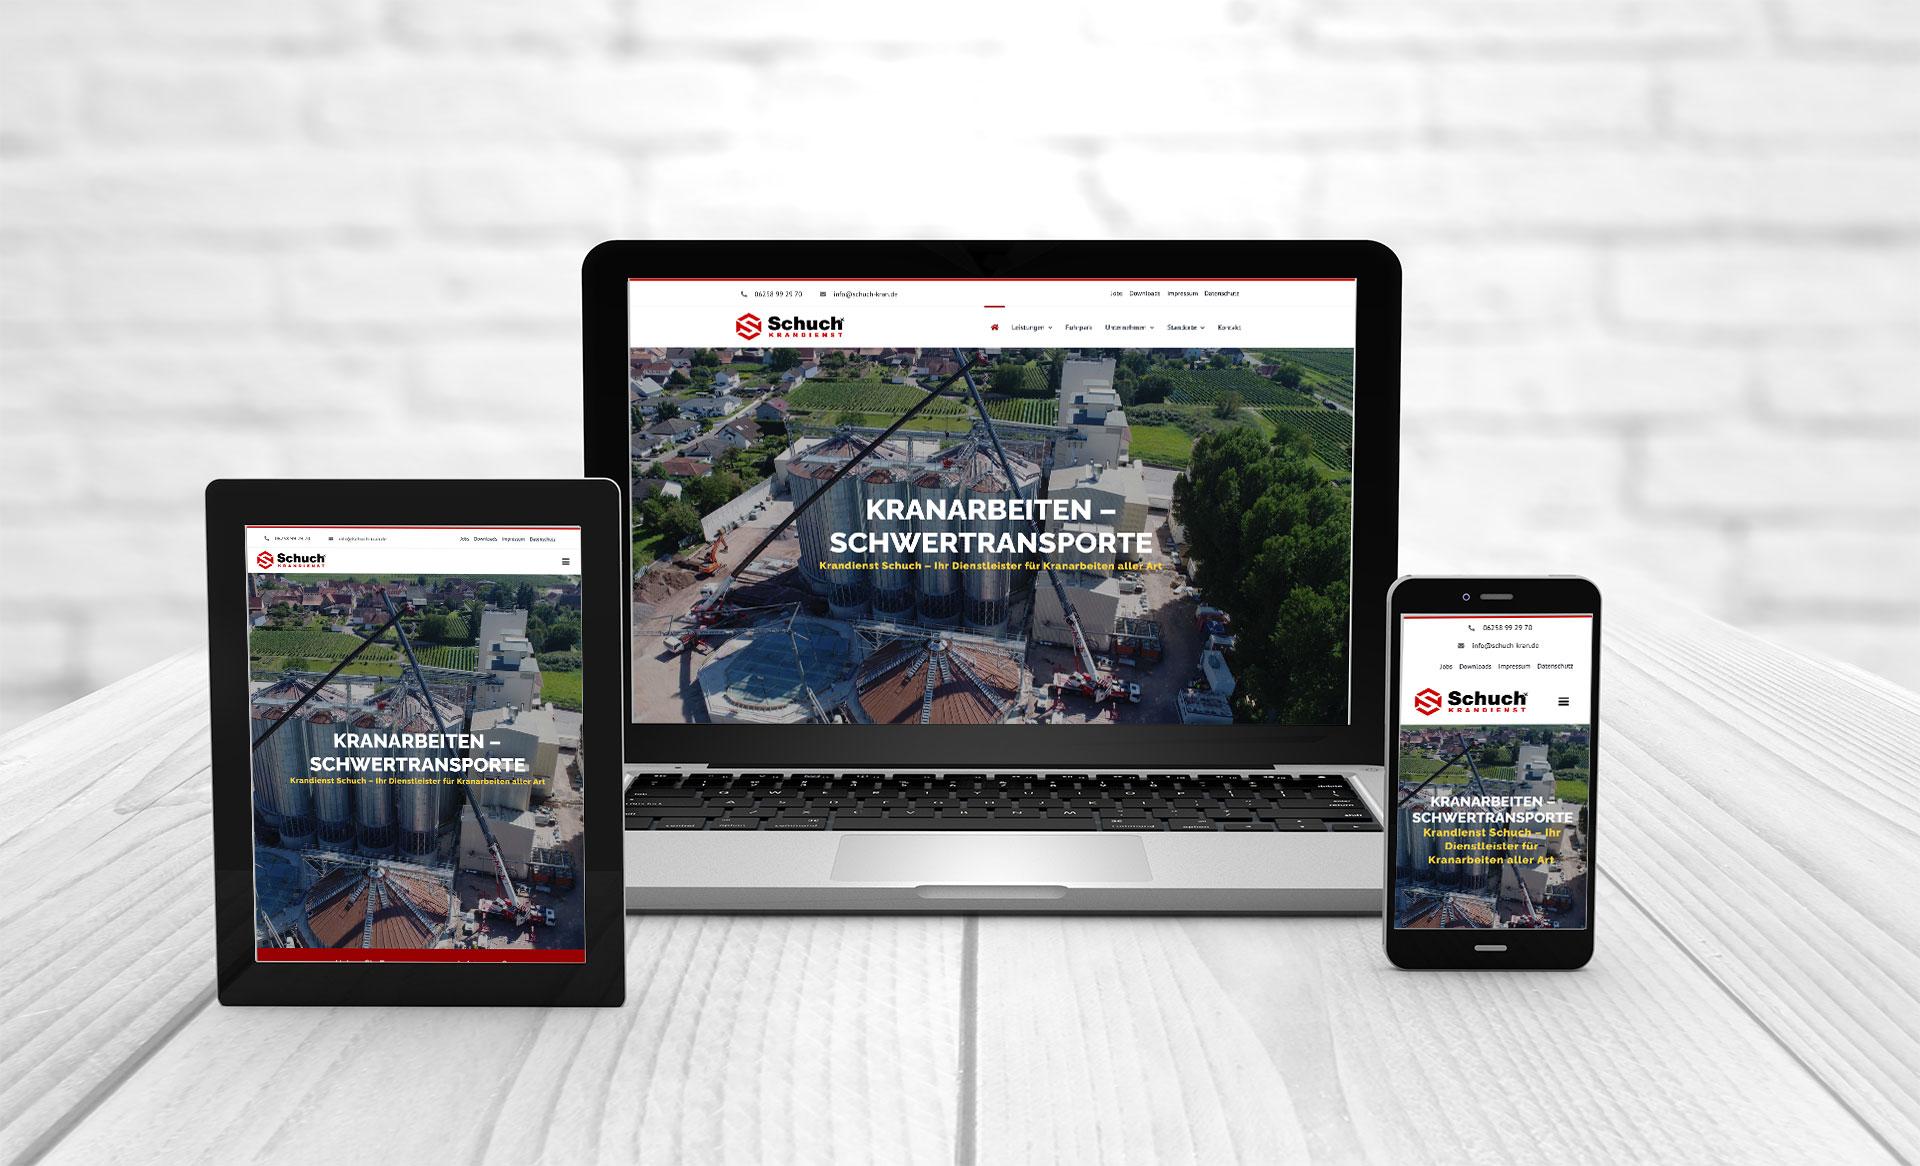 Web design create website Schuch Kran